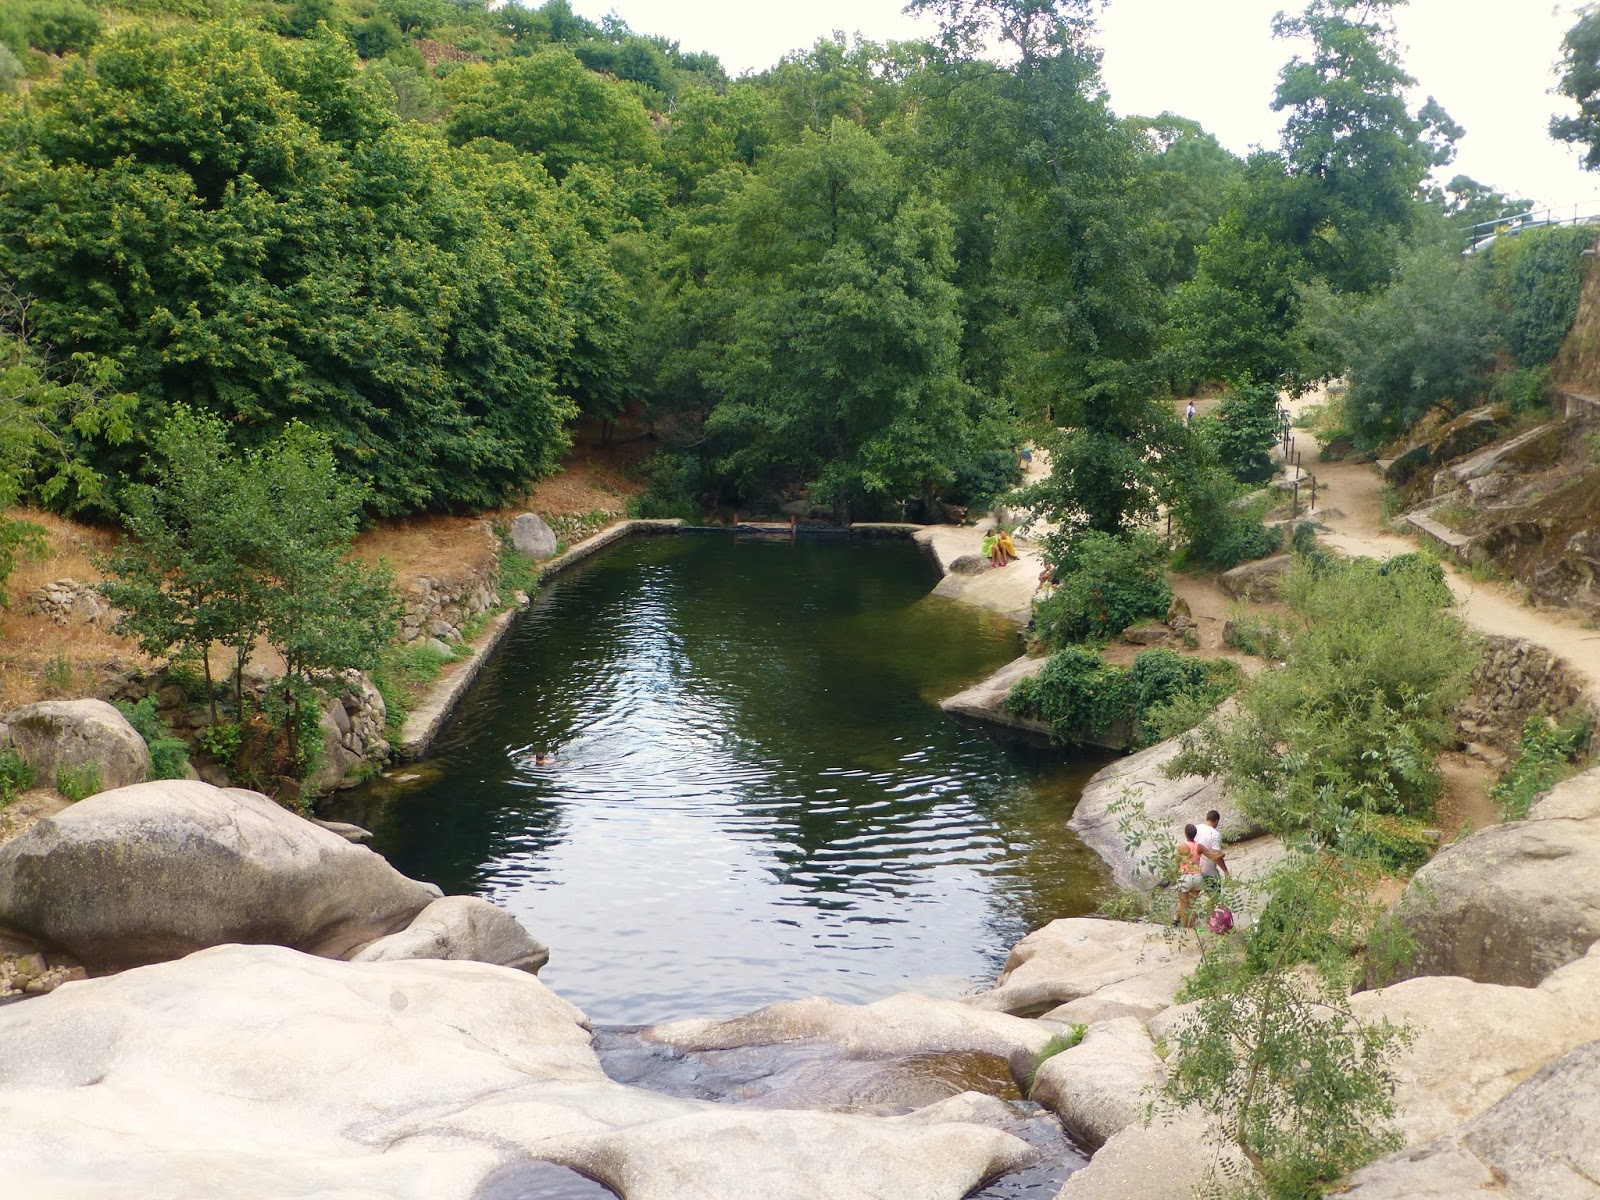 carretera y manta viajes y caminatas piscinas naturales